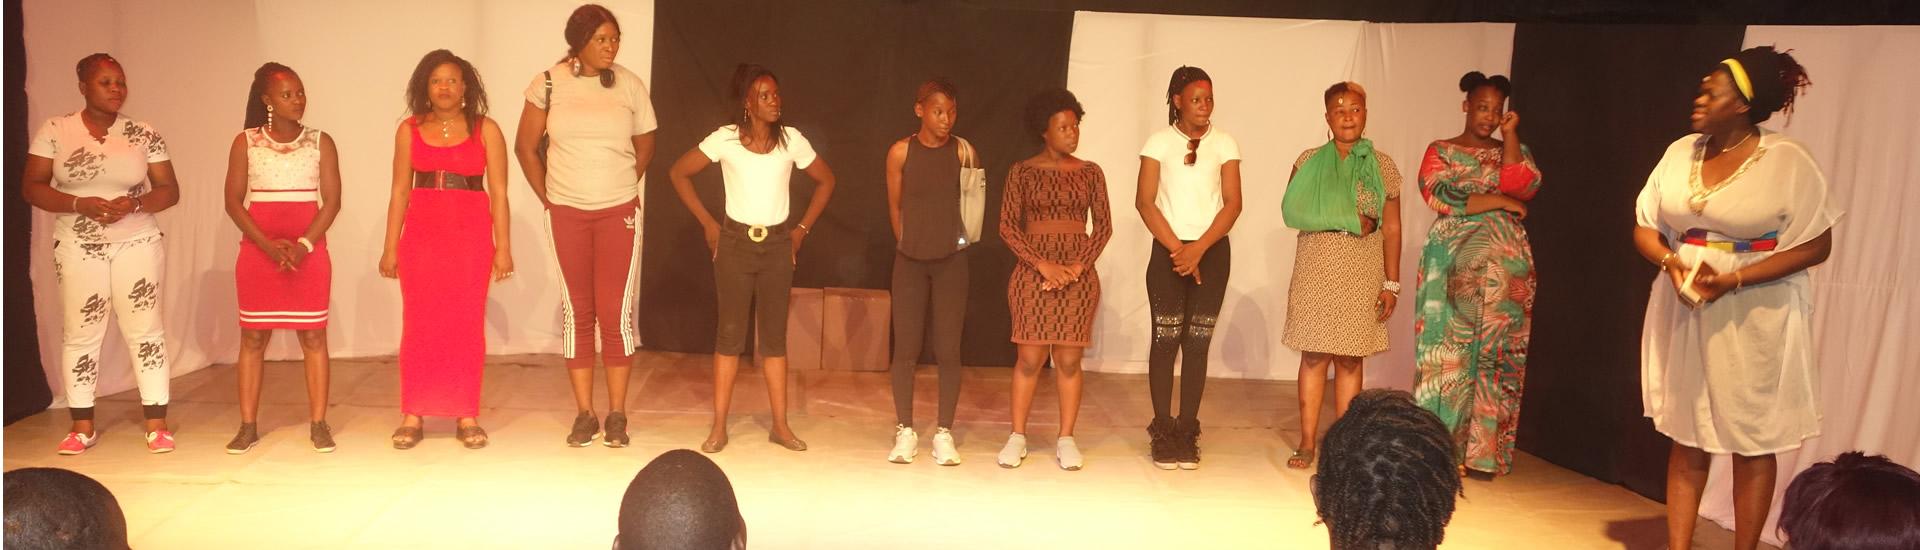 Humour: Fin de formation de 10 femmes